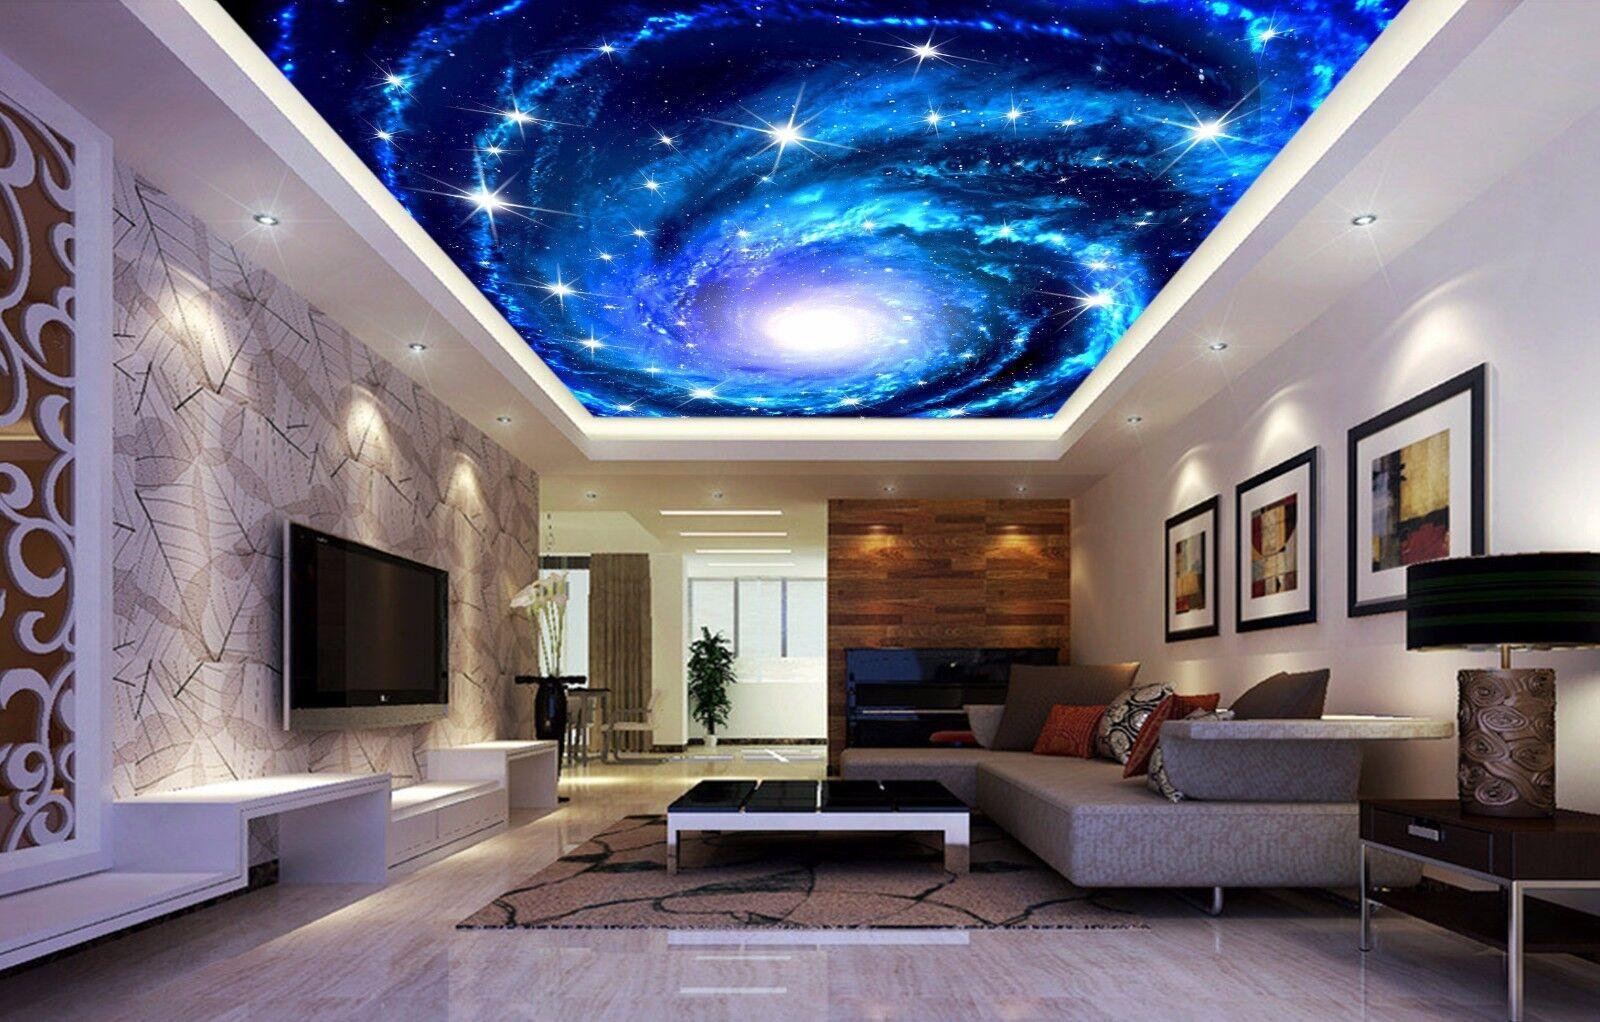 3D Vortex Bule Ceiling WallPaper Murals Wall Print Decal Deco AJ WALLPAPER AU